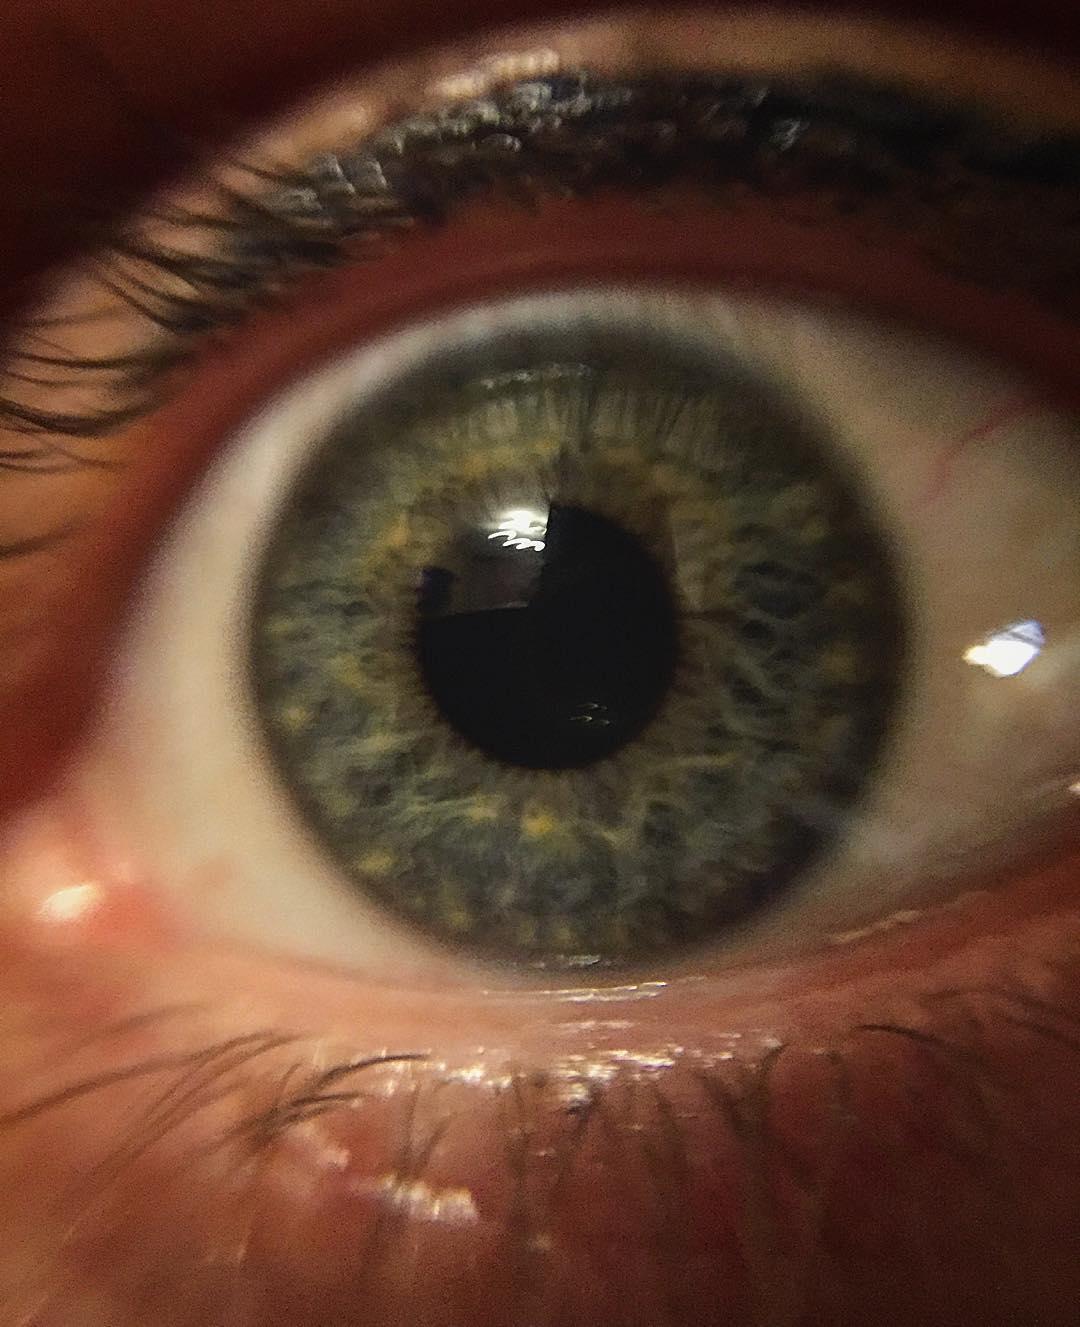 Мой большой прекрасный глаз. Да, над макро таки надо трудиться. #глаз #макро #макролинза #я #селфи #себяшка #самострел #i #me #selfie #look #macro #makro #myself #eye #myself